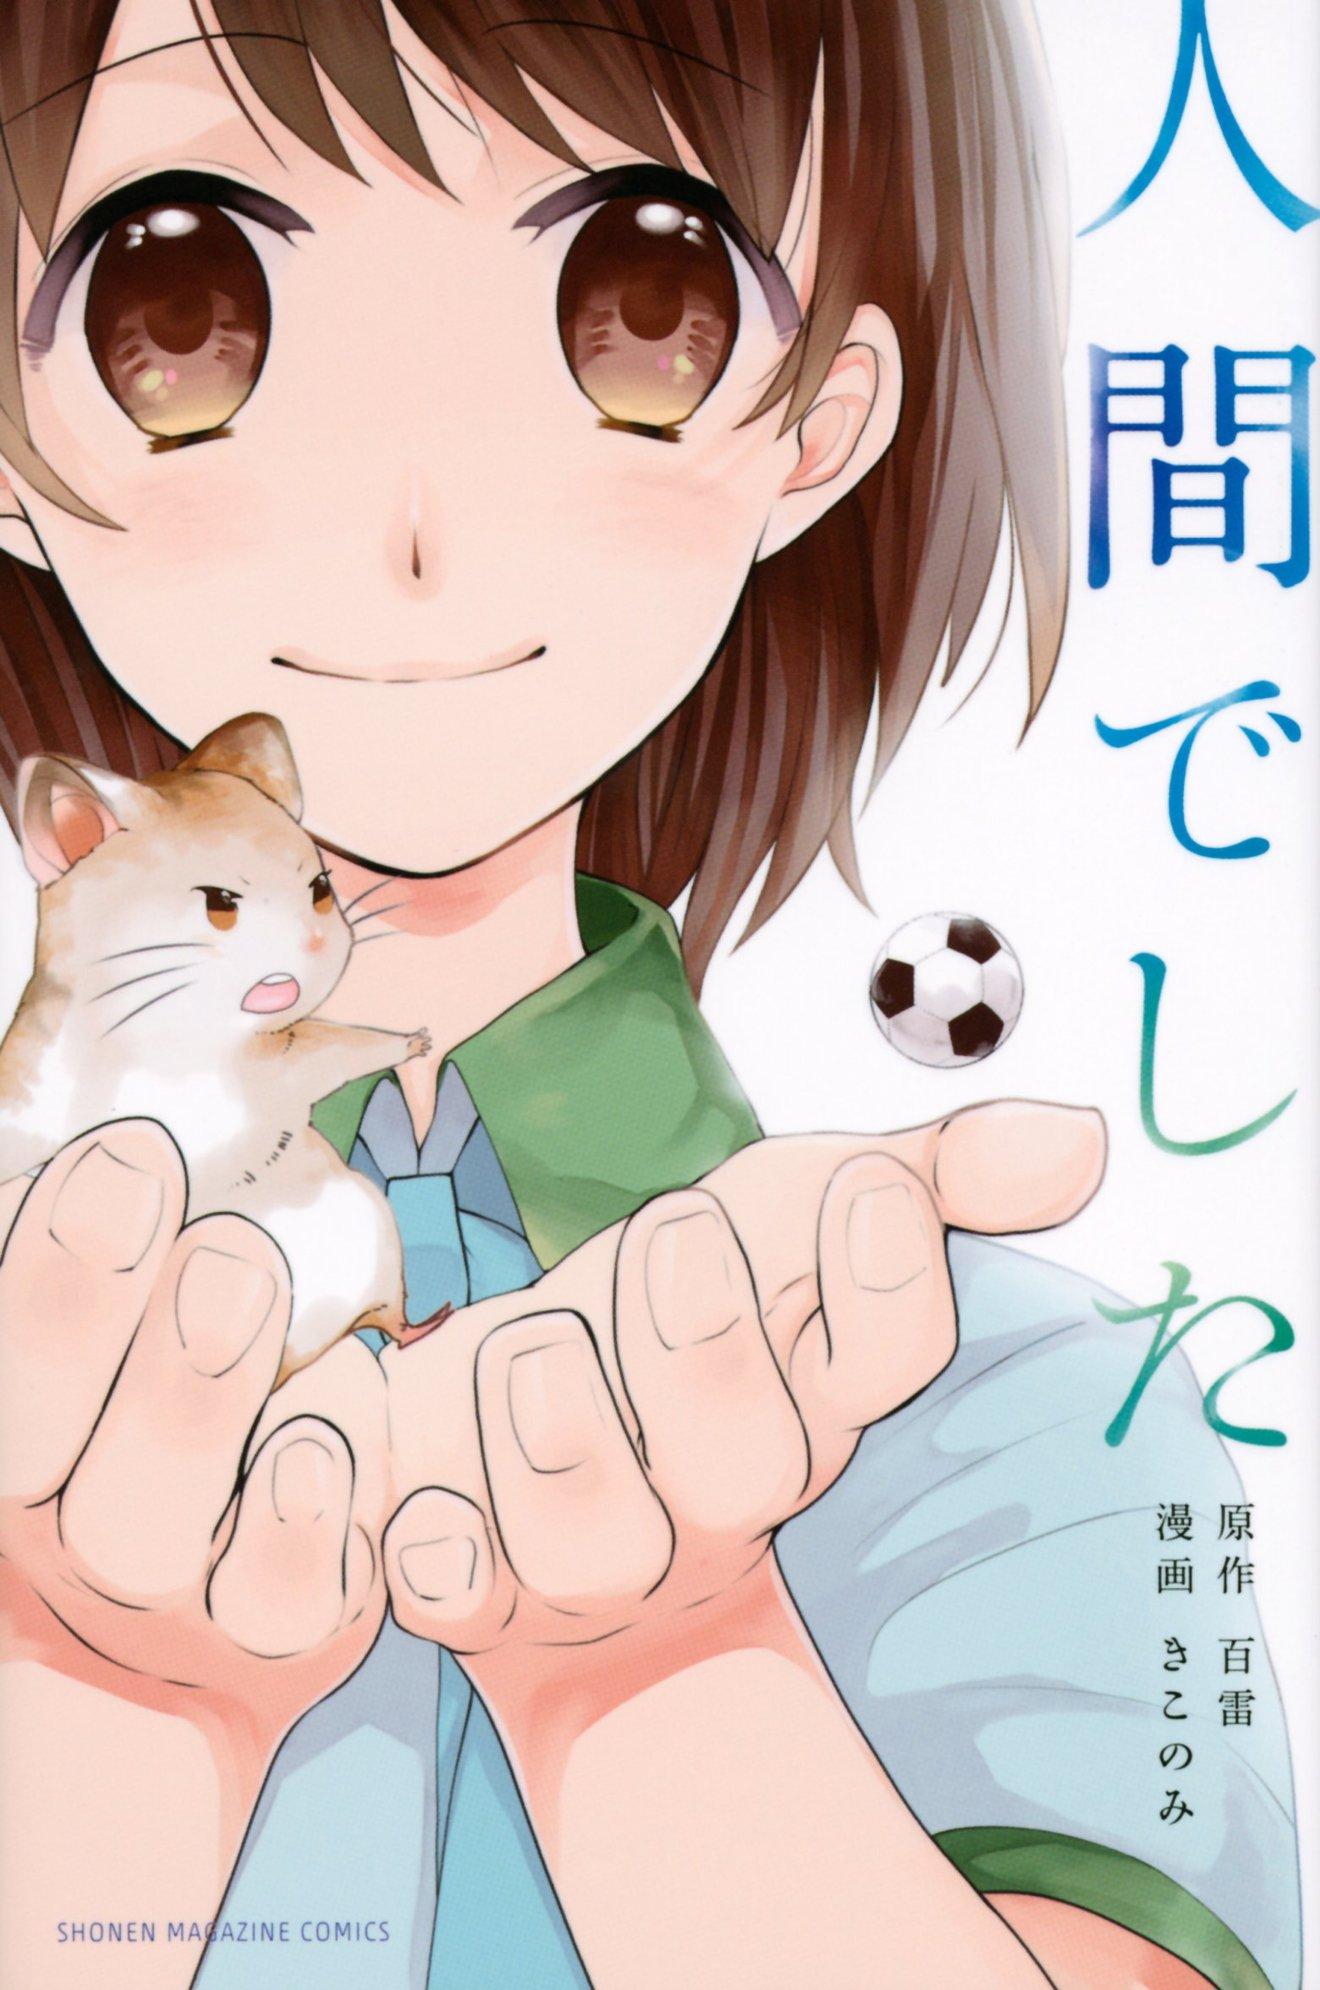 漫画『人間でした』が面白い!2ndシーズンまで各巻の魅力をネタバレ紹介!